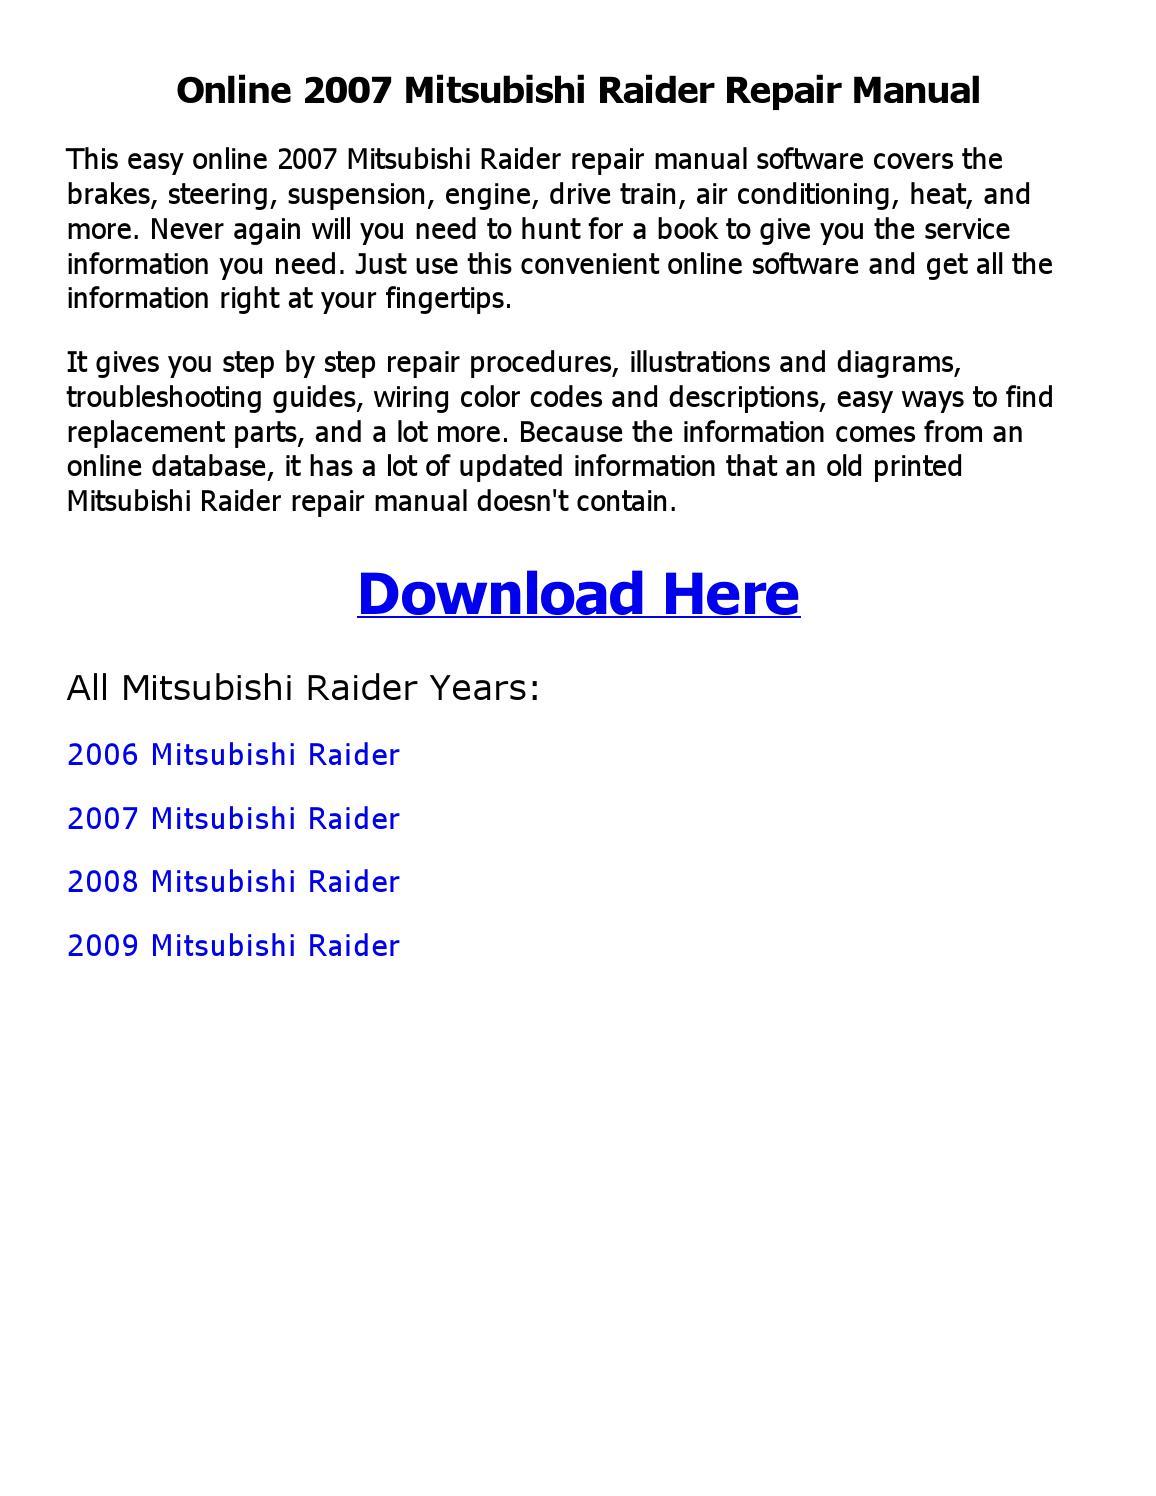 2007 Mitsubishi Raider Repair Manual Online By Emran Ahmed